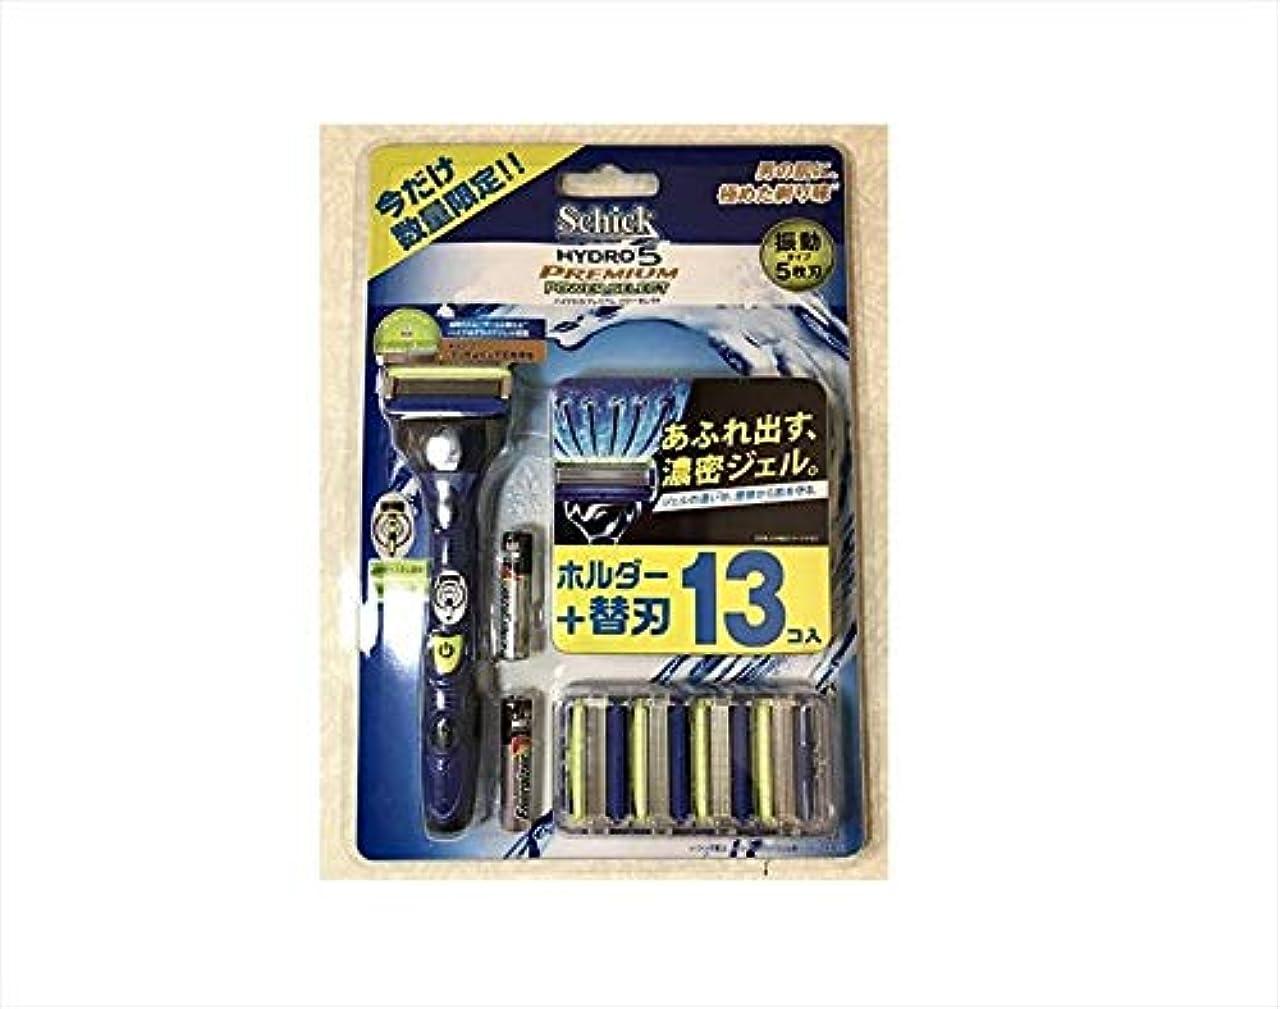 抑圧する支出ドレインお買い得 シック ハイドロ5 パワーセレクトホルダー1本+ 替刃 (13コ入)+電池2本